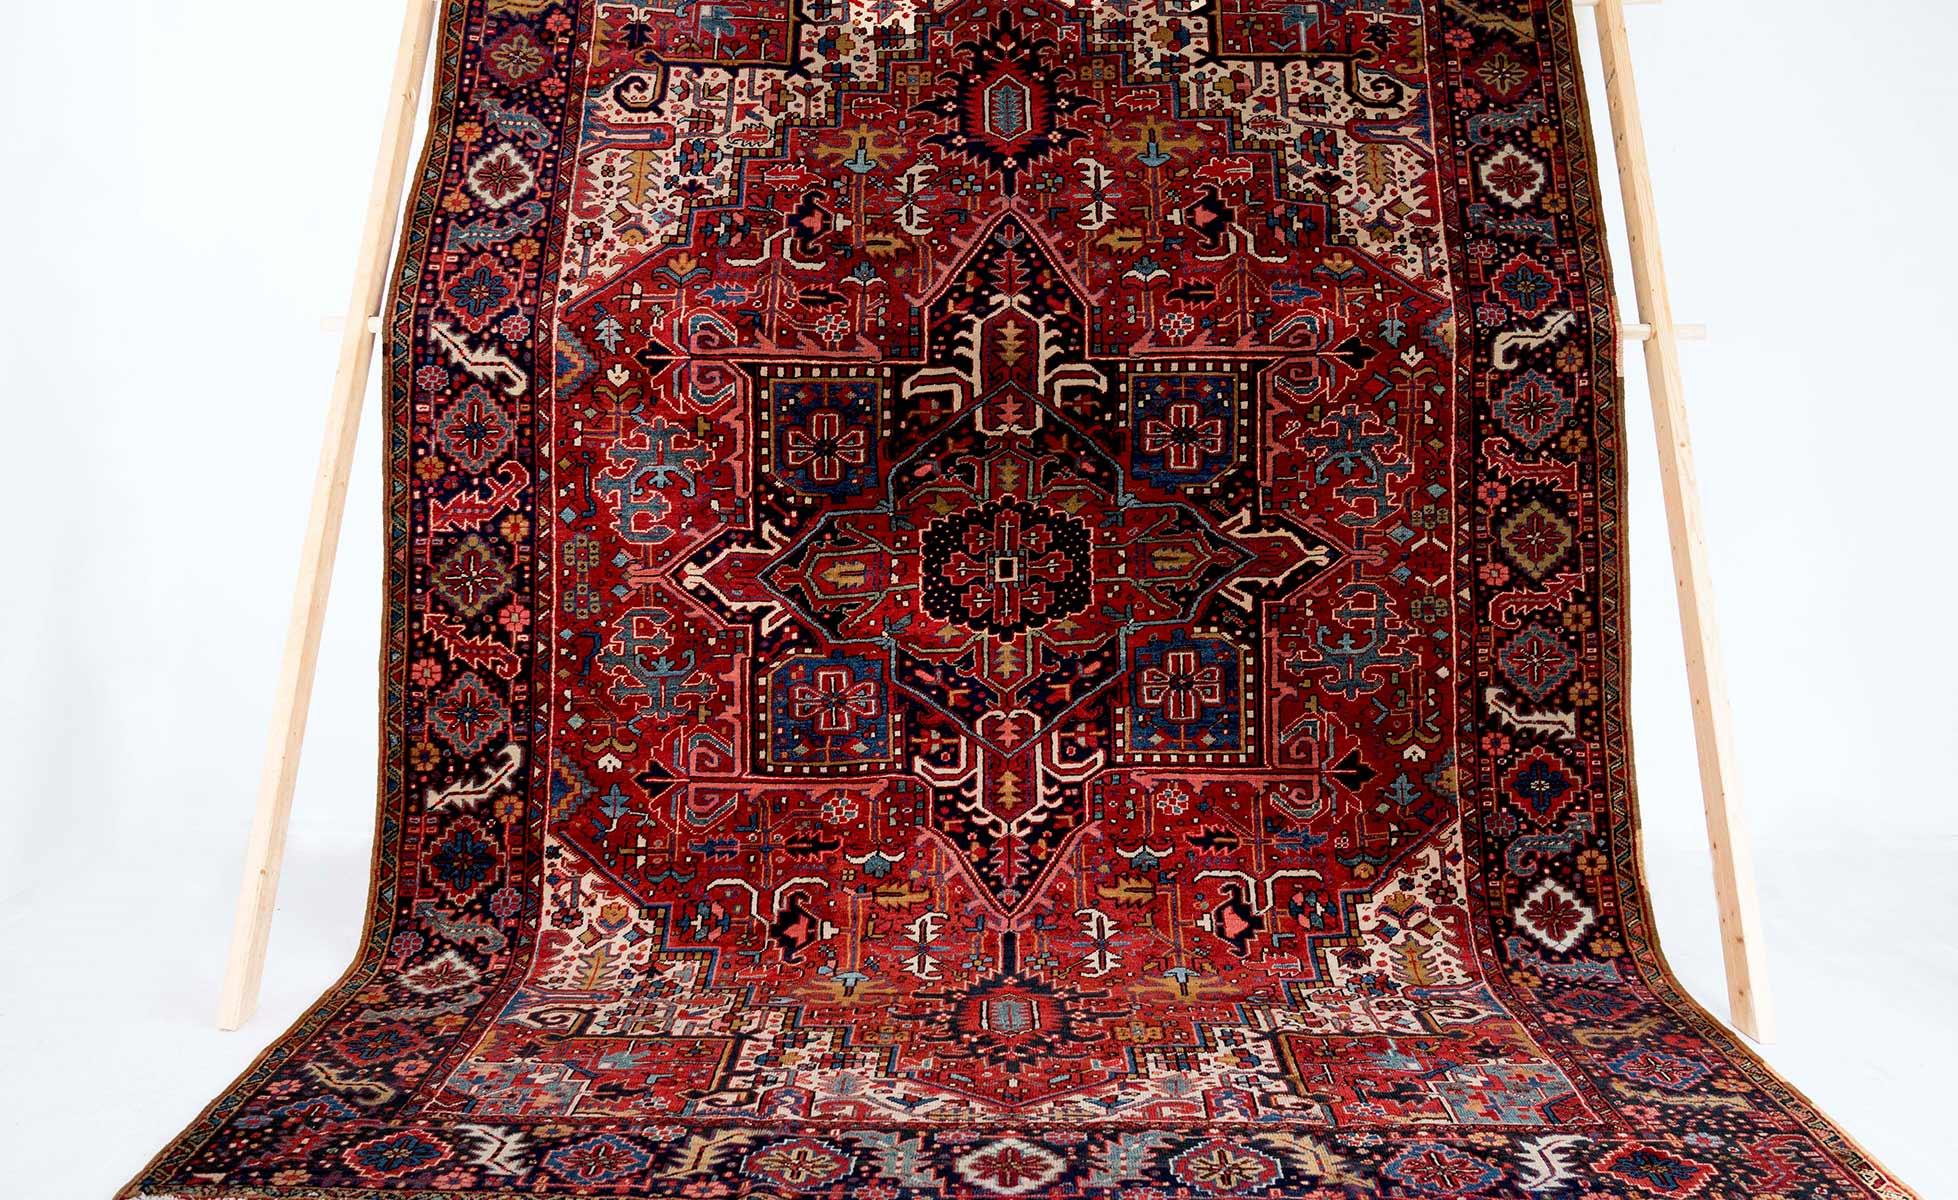 NO. 0173 /  PERSIAN (HERIS) / 90 YEARS /10'4 x 7'9 FT